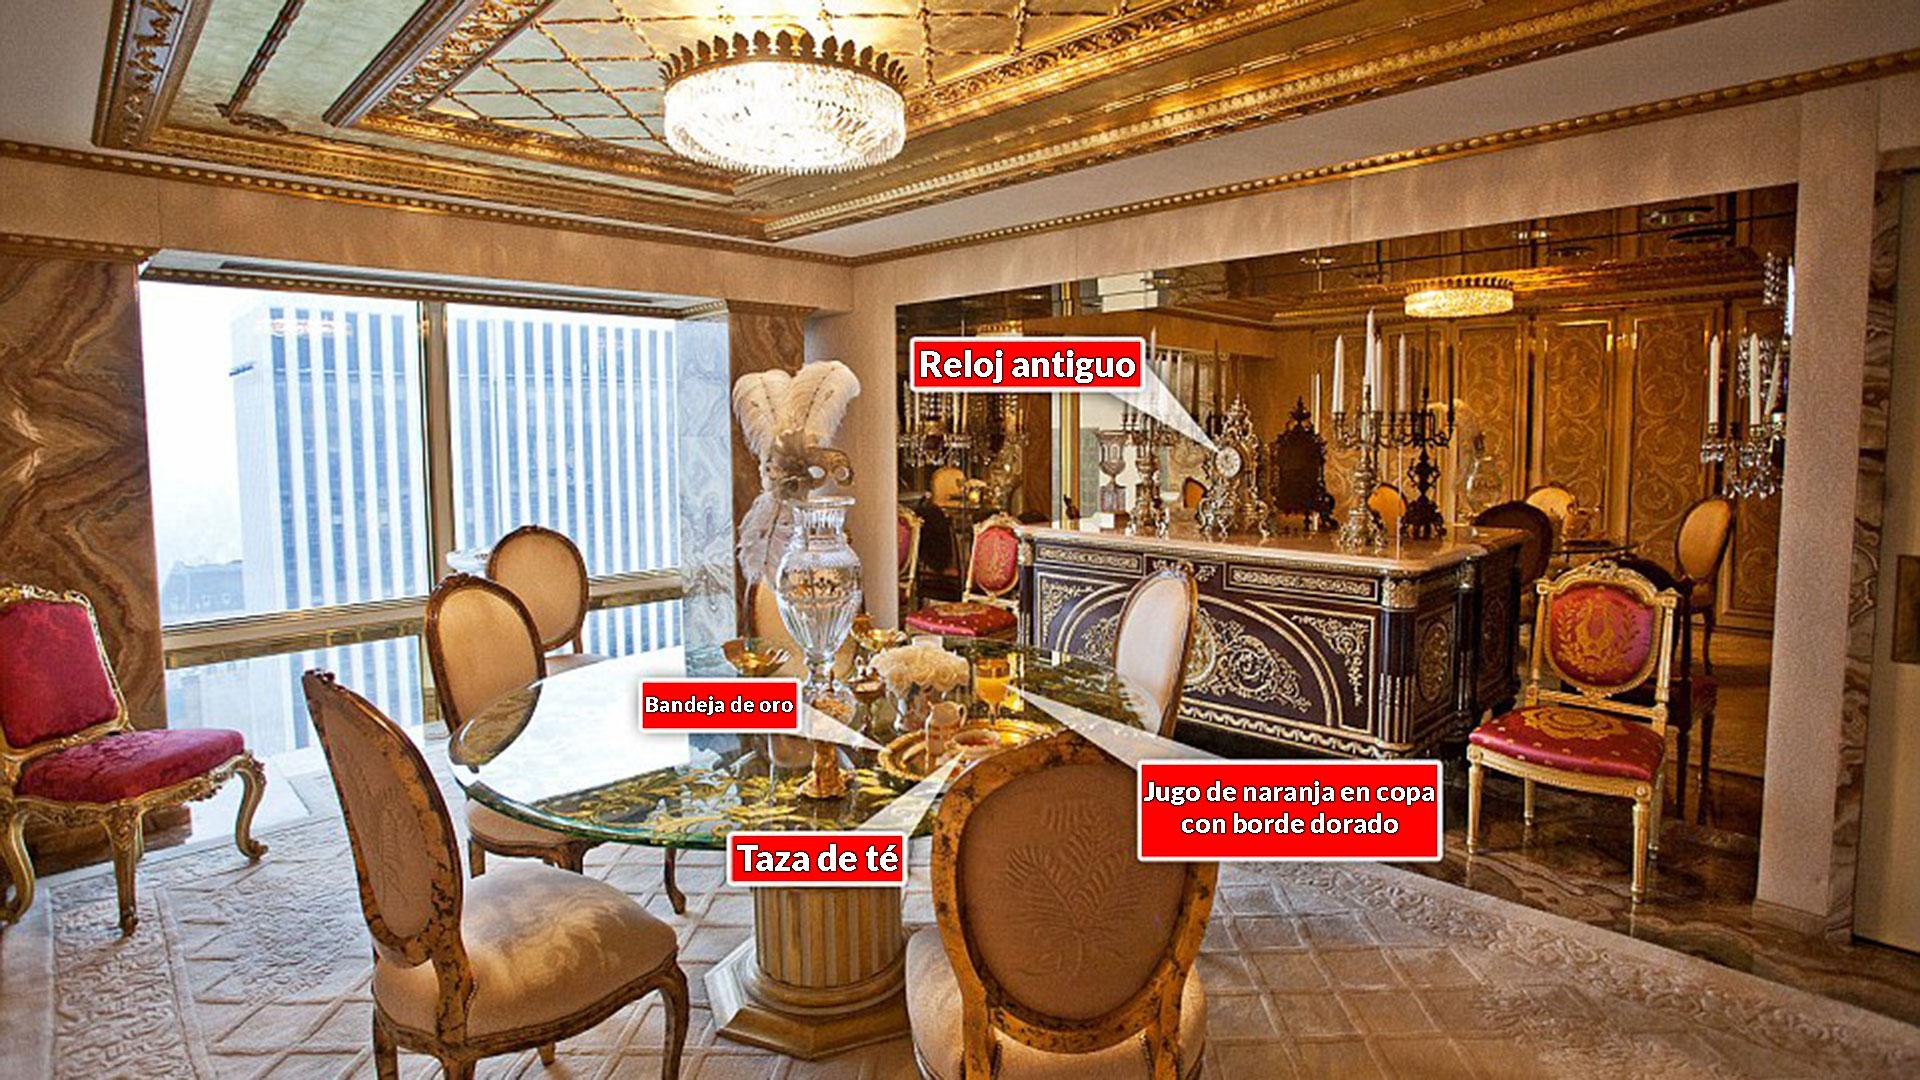 Como en toda la casa, en la sala de desayuno predomina el oro